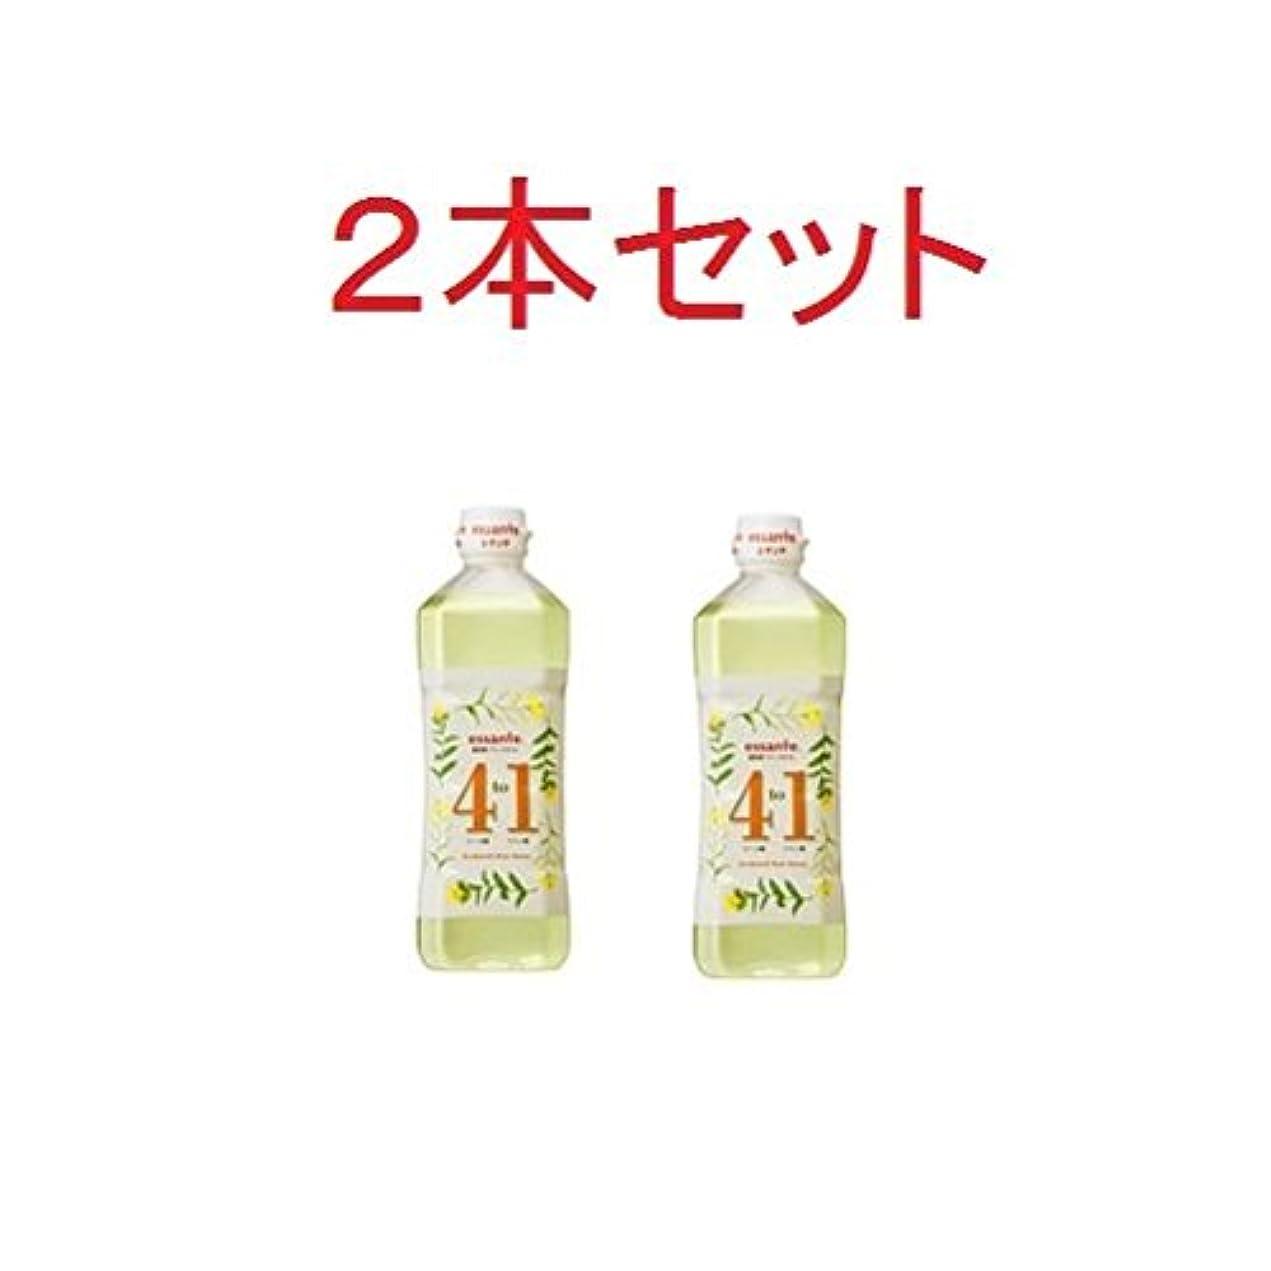 摂動パートナーカウンターパート2本セット アムウェイ エサンテ 4 to 1 脂肪酸バランスオイル